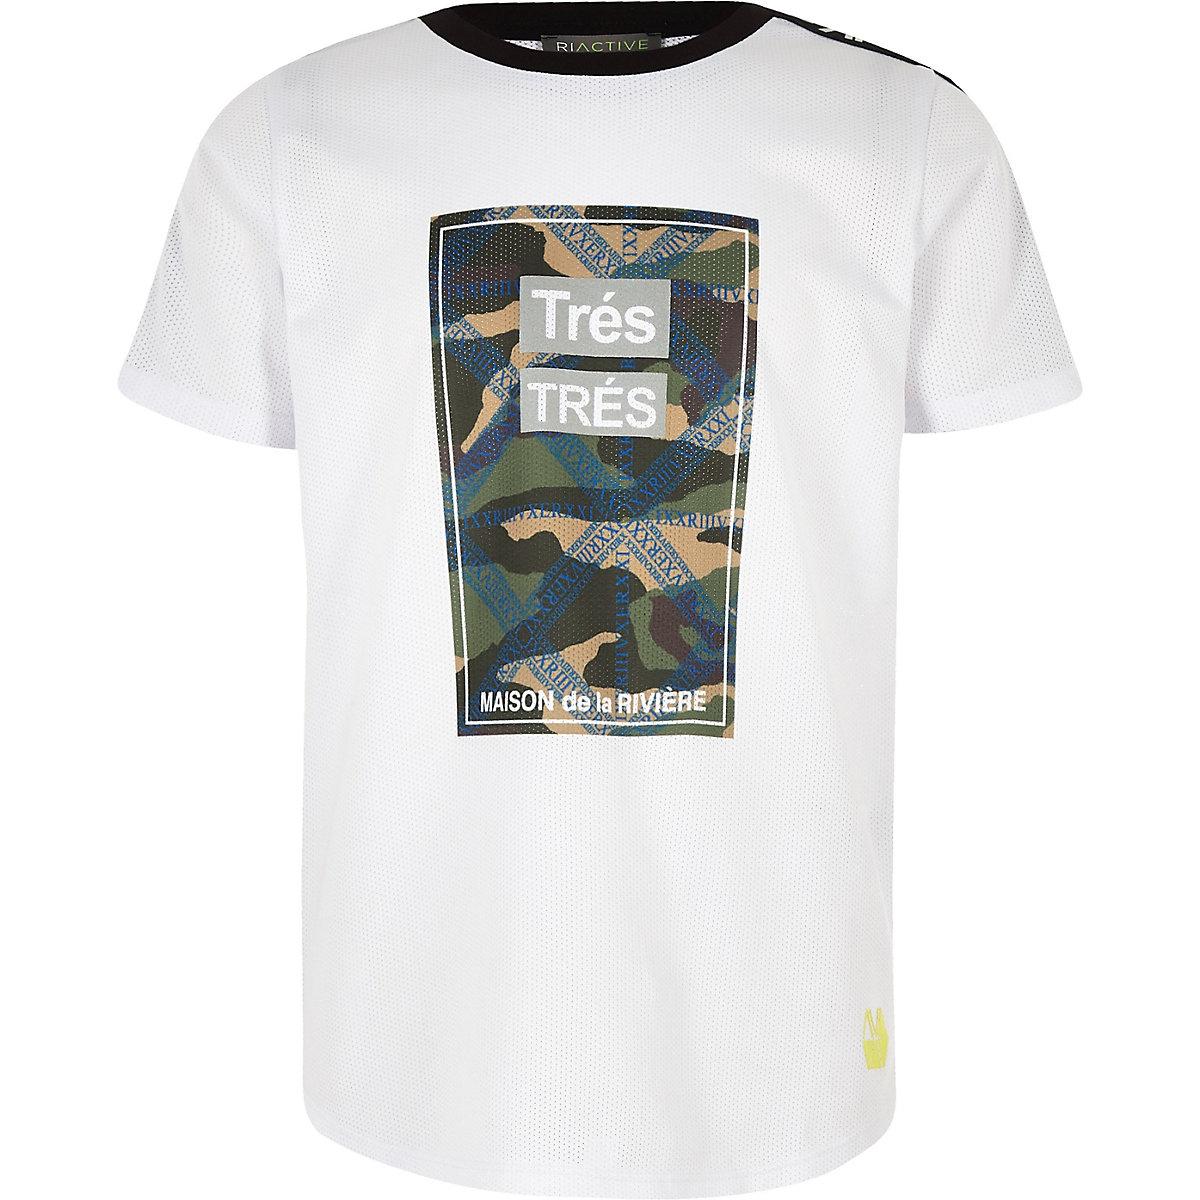 Boys RI Active white 'Tres' camo T-shirt